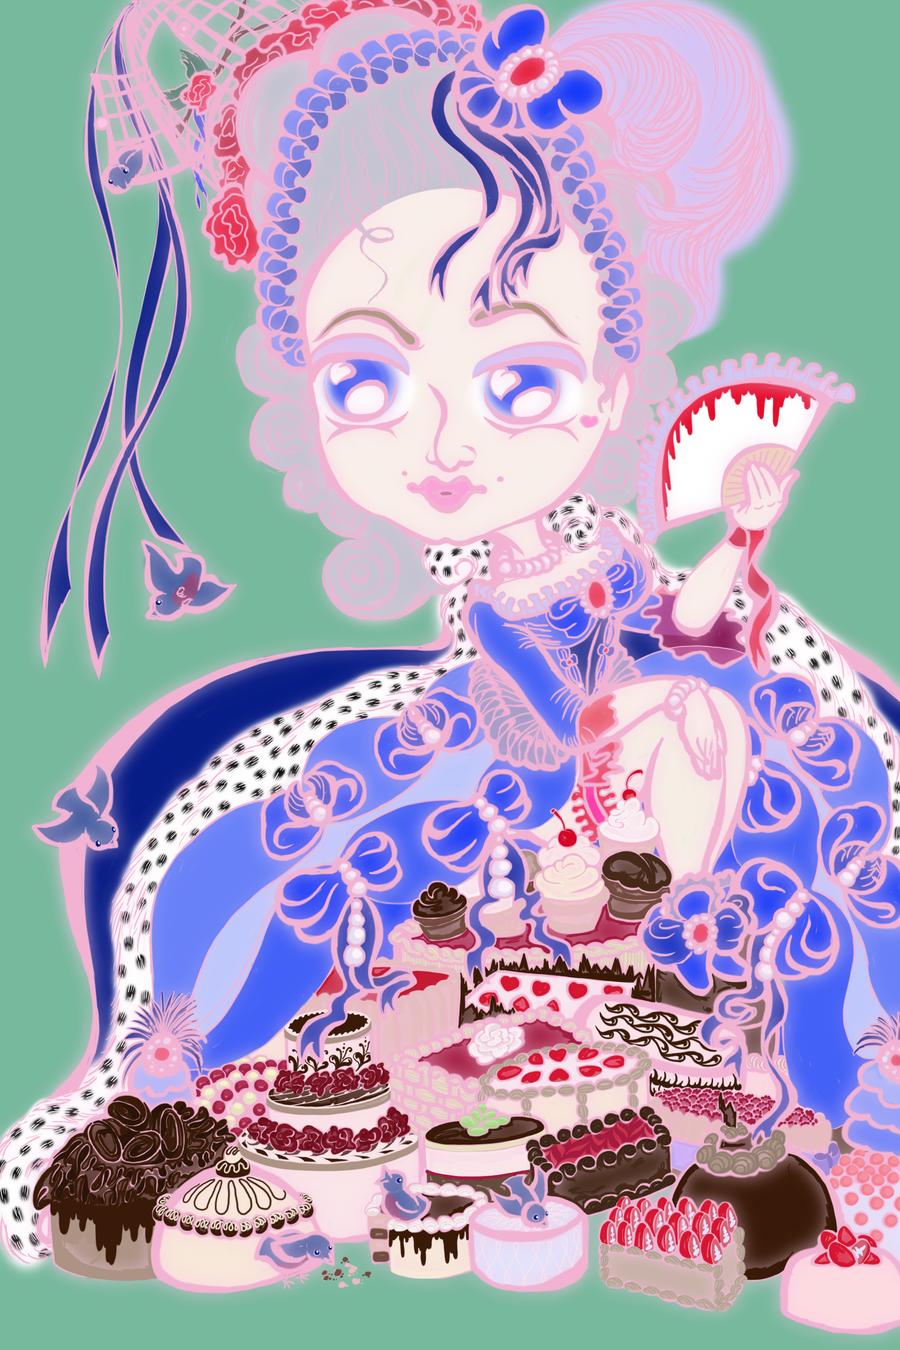 Marie Antoinette by pumqin